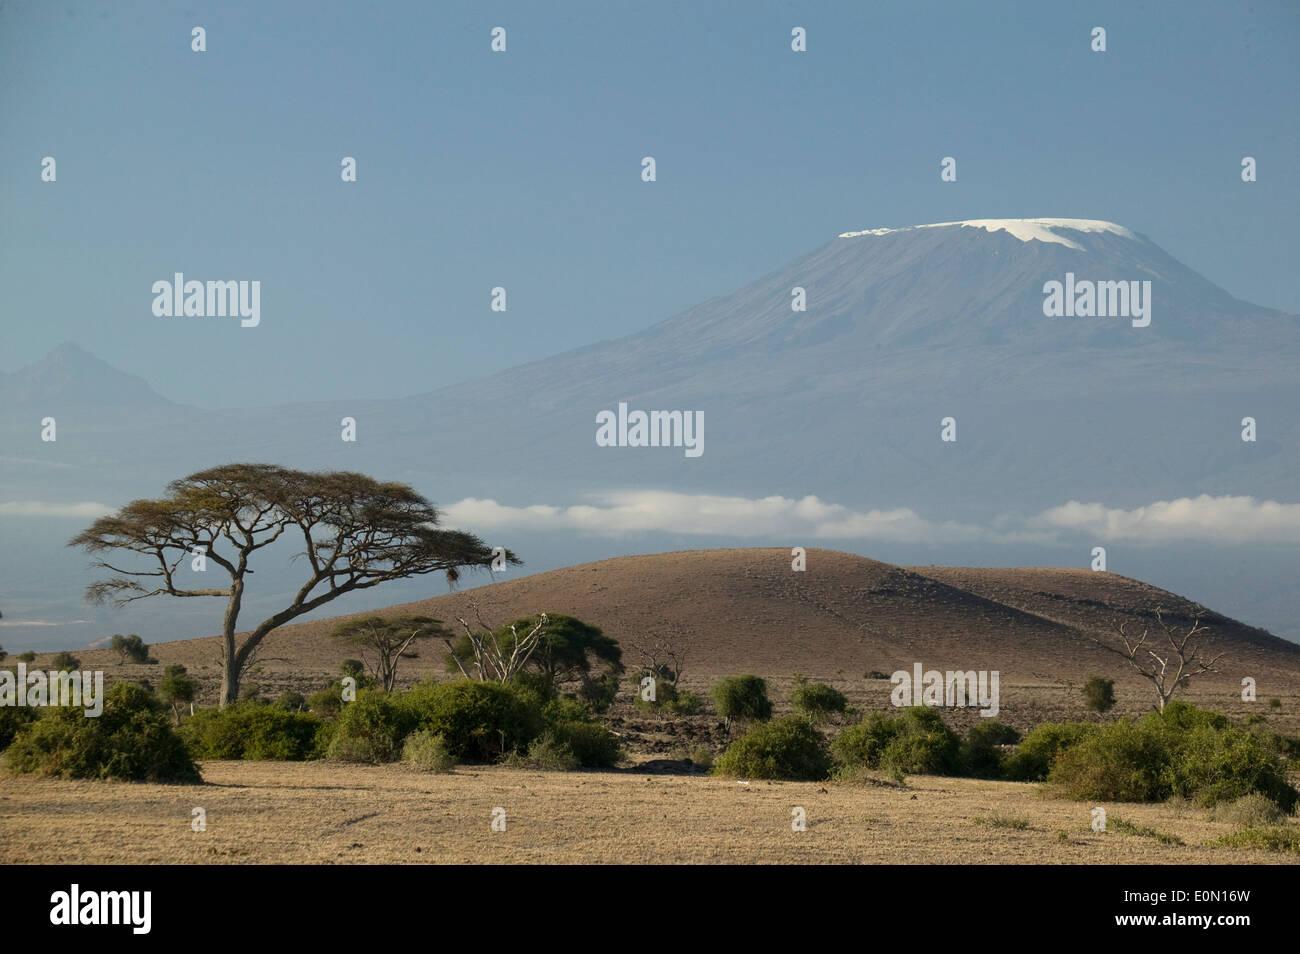 Mount Kilimanjaro Landschaft, Ngorongoro-Nationalpark, Tansania Stockbild